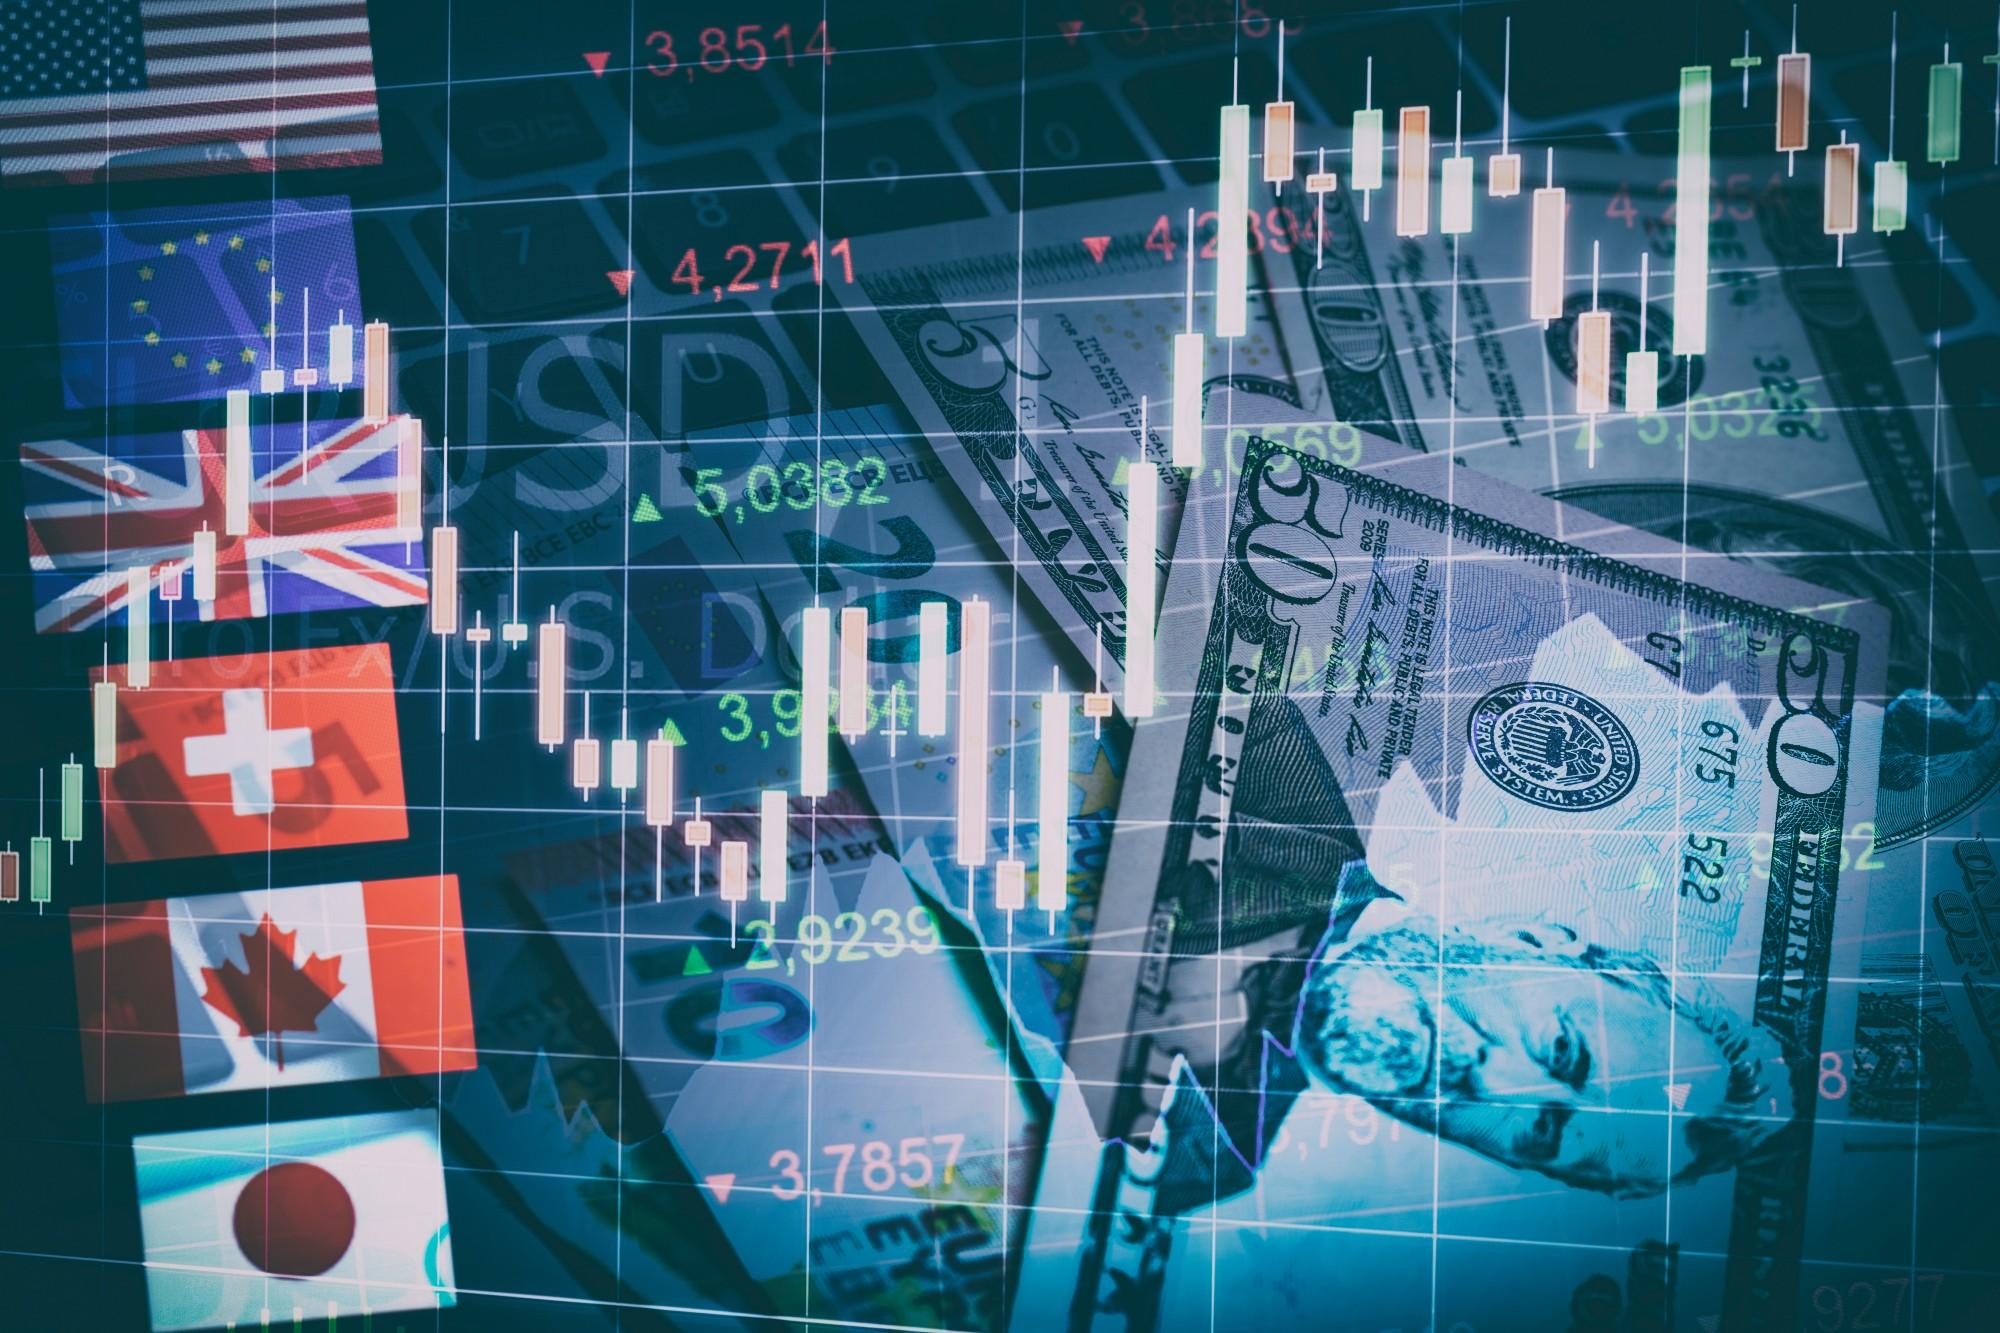 Một tuần bận rộn đã đến Giá dầu báo cáo thu nhập cuối quý thu hút sự chú ý lớn của thị trường